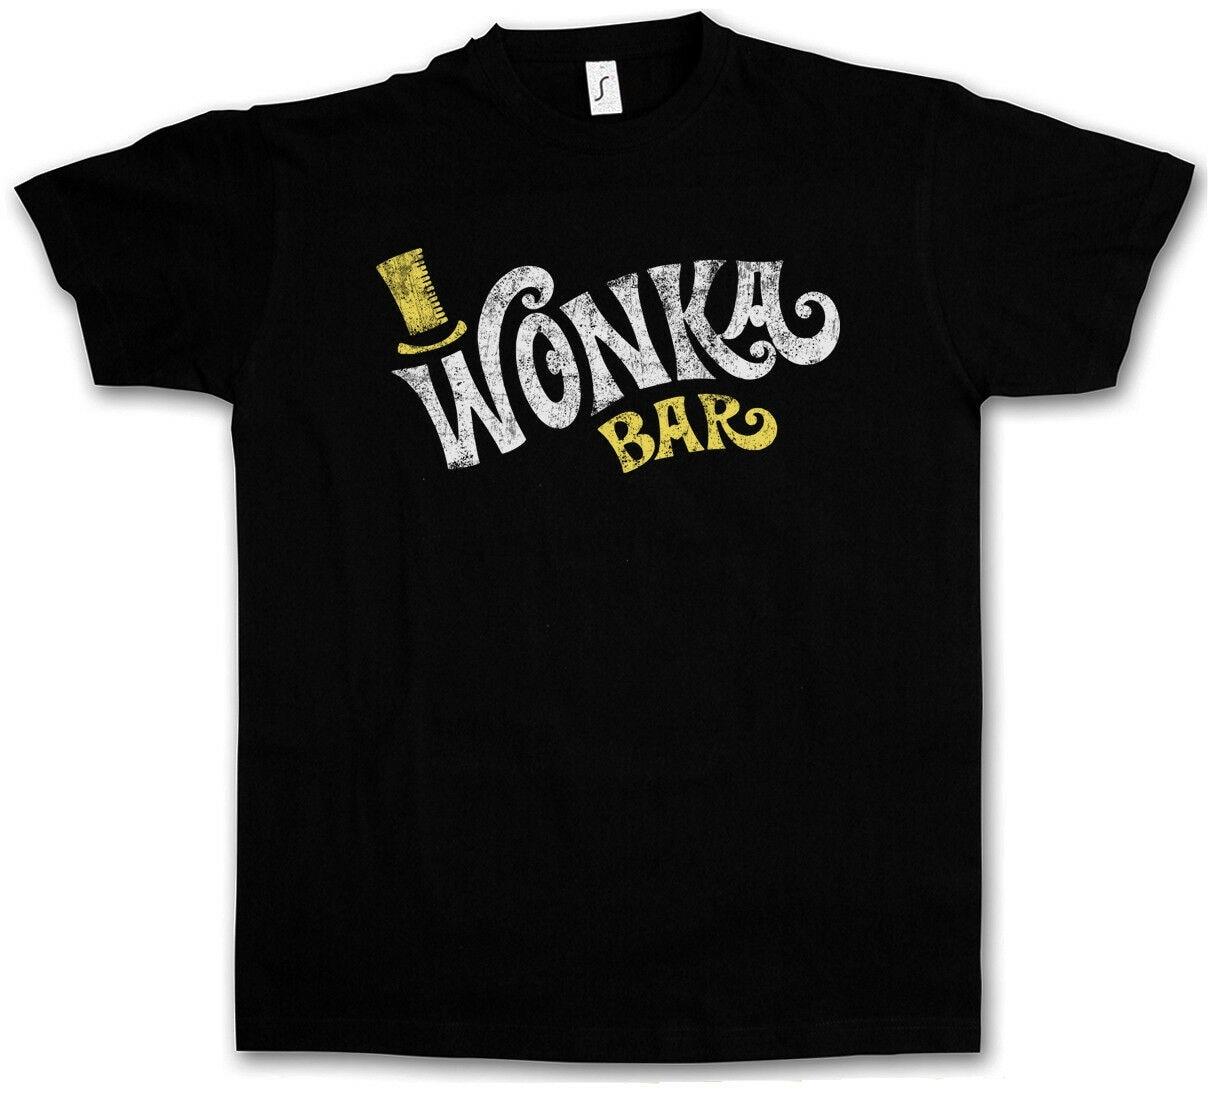 WONKA BAR T-SHIRT - Charlie Schokolade Fabrik Willy Eimer Roald Dahl T-Shirt